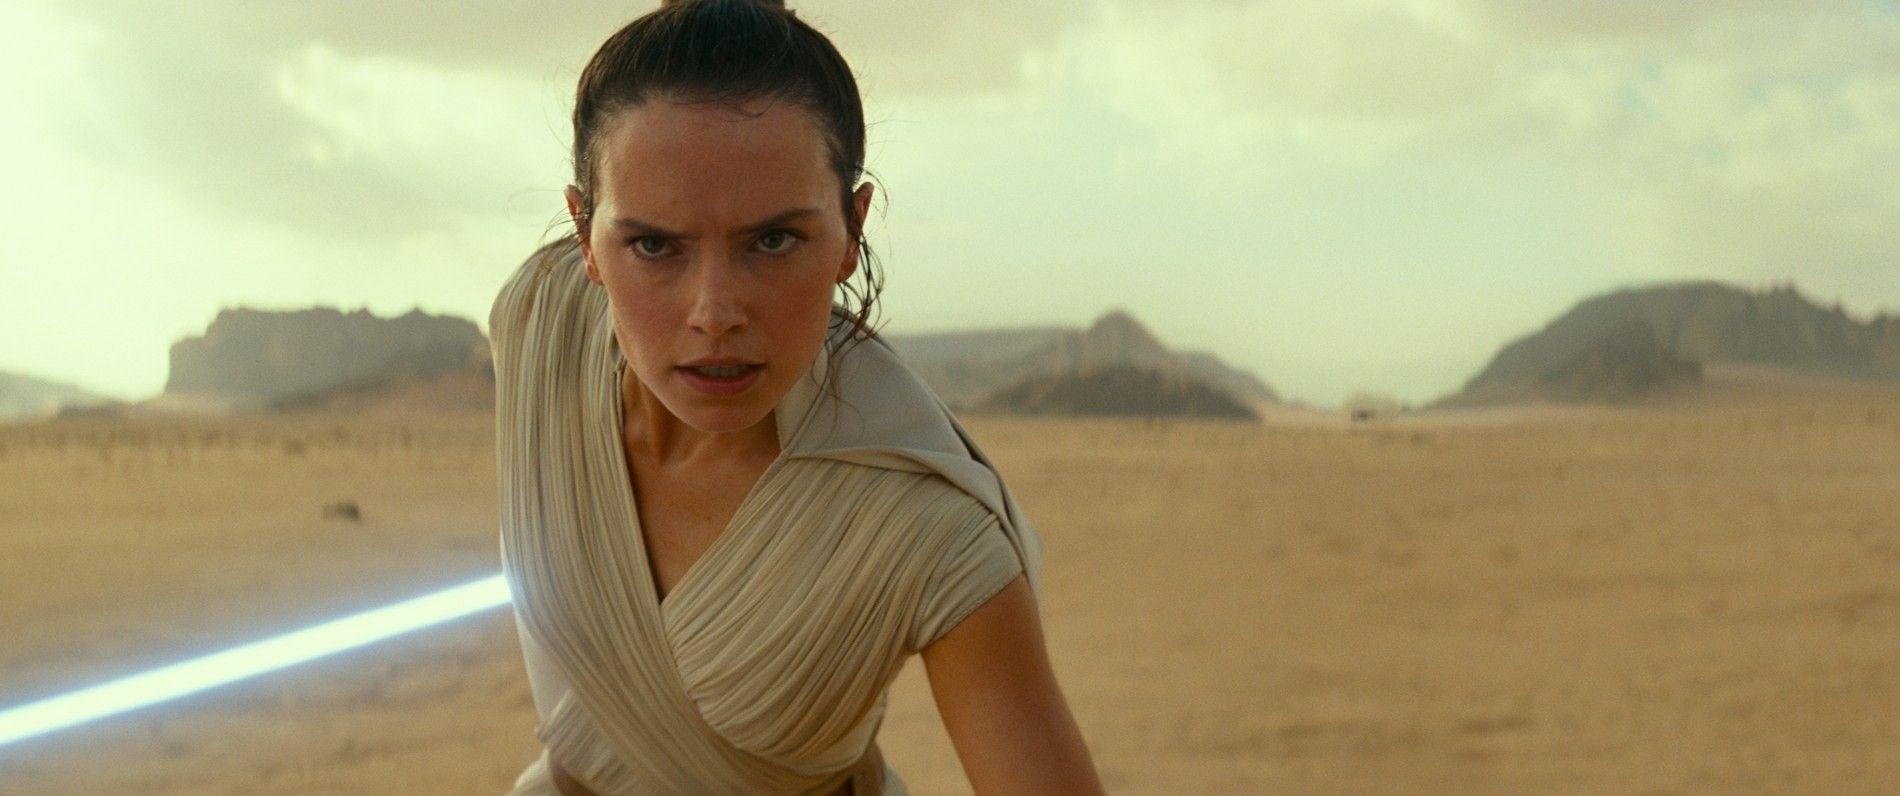 Rey (Daisy Ridley) dans une scène tirée de Star Wars : L'Ascension de Skywalker. Dans l'épisode ...